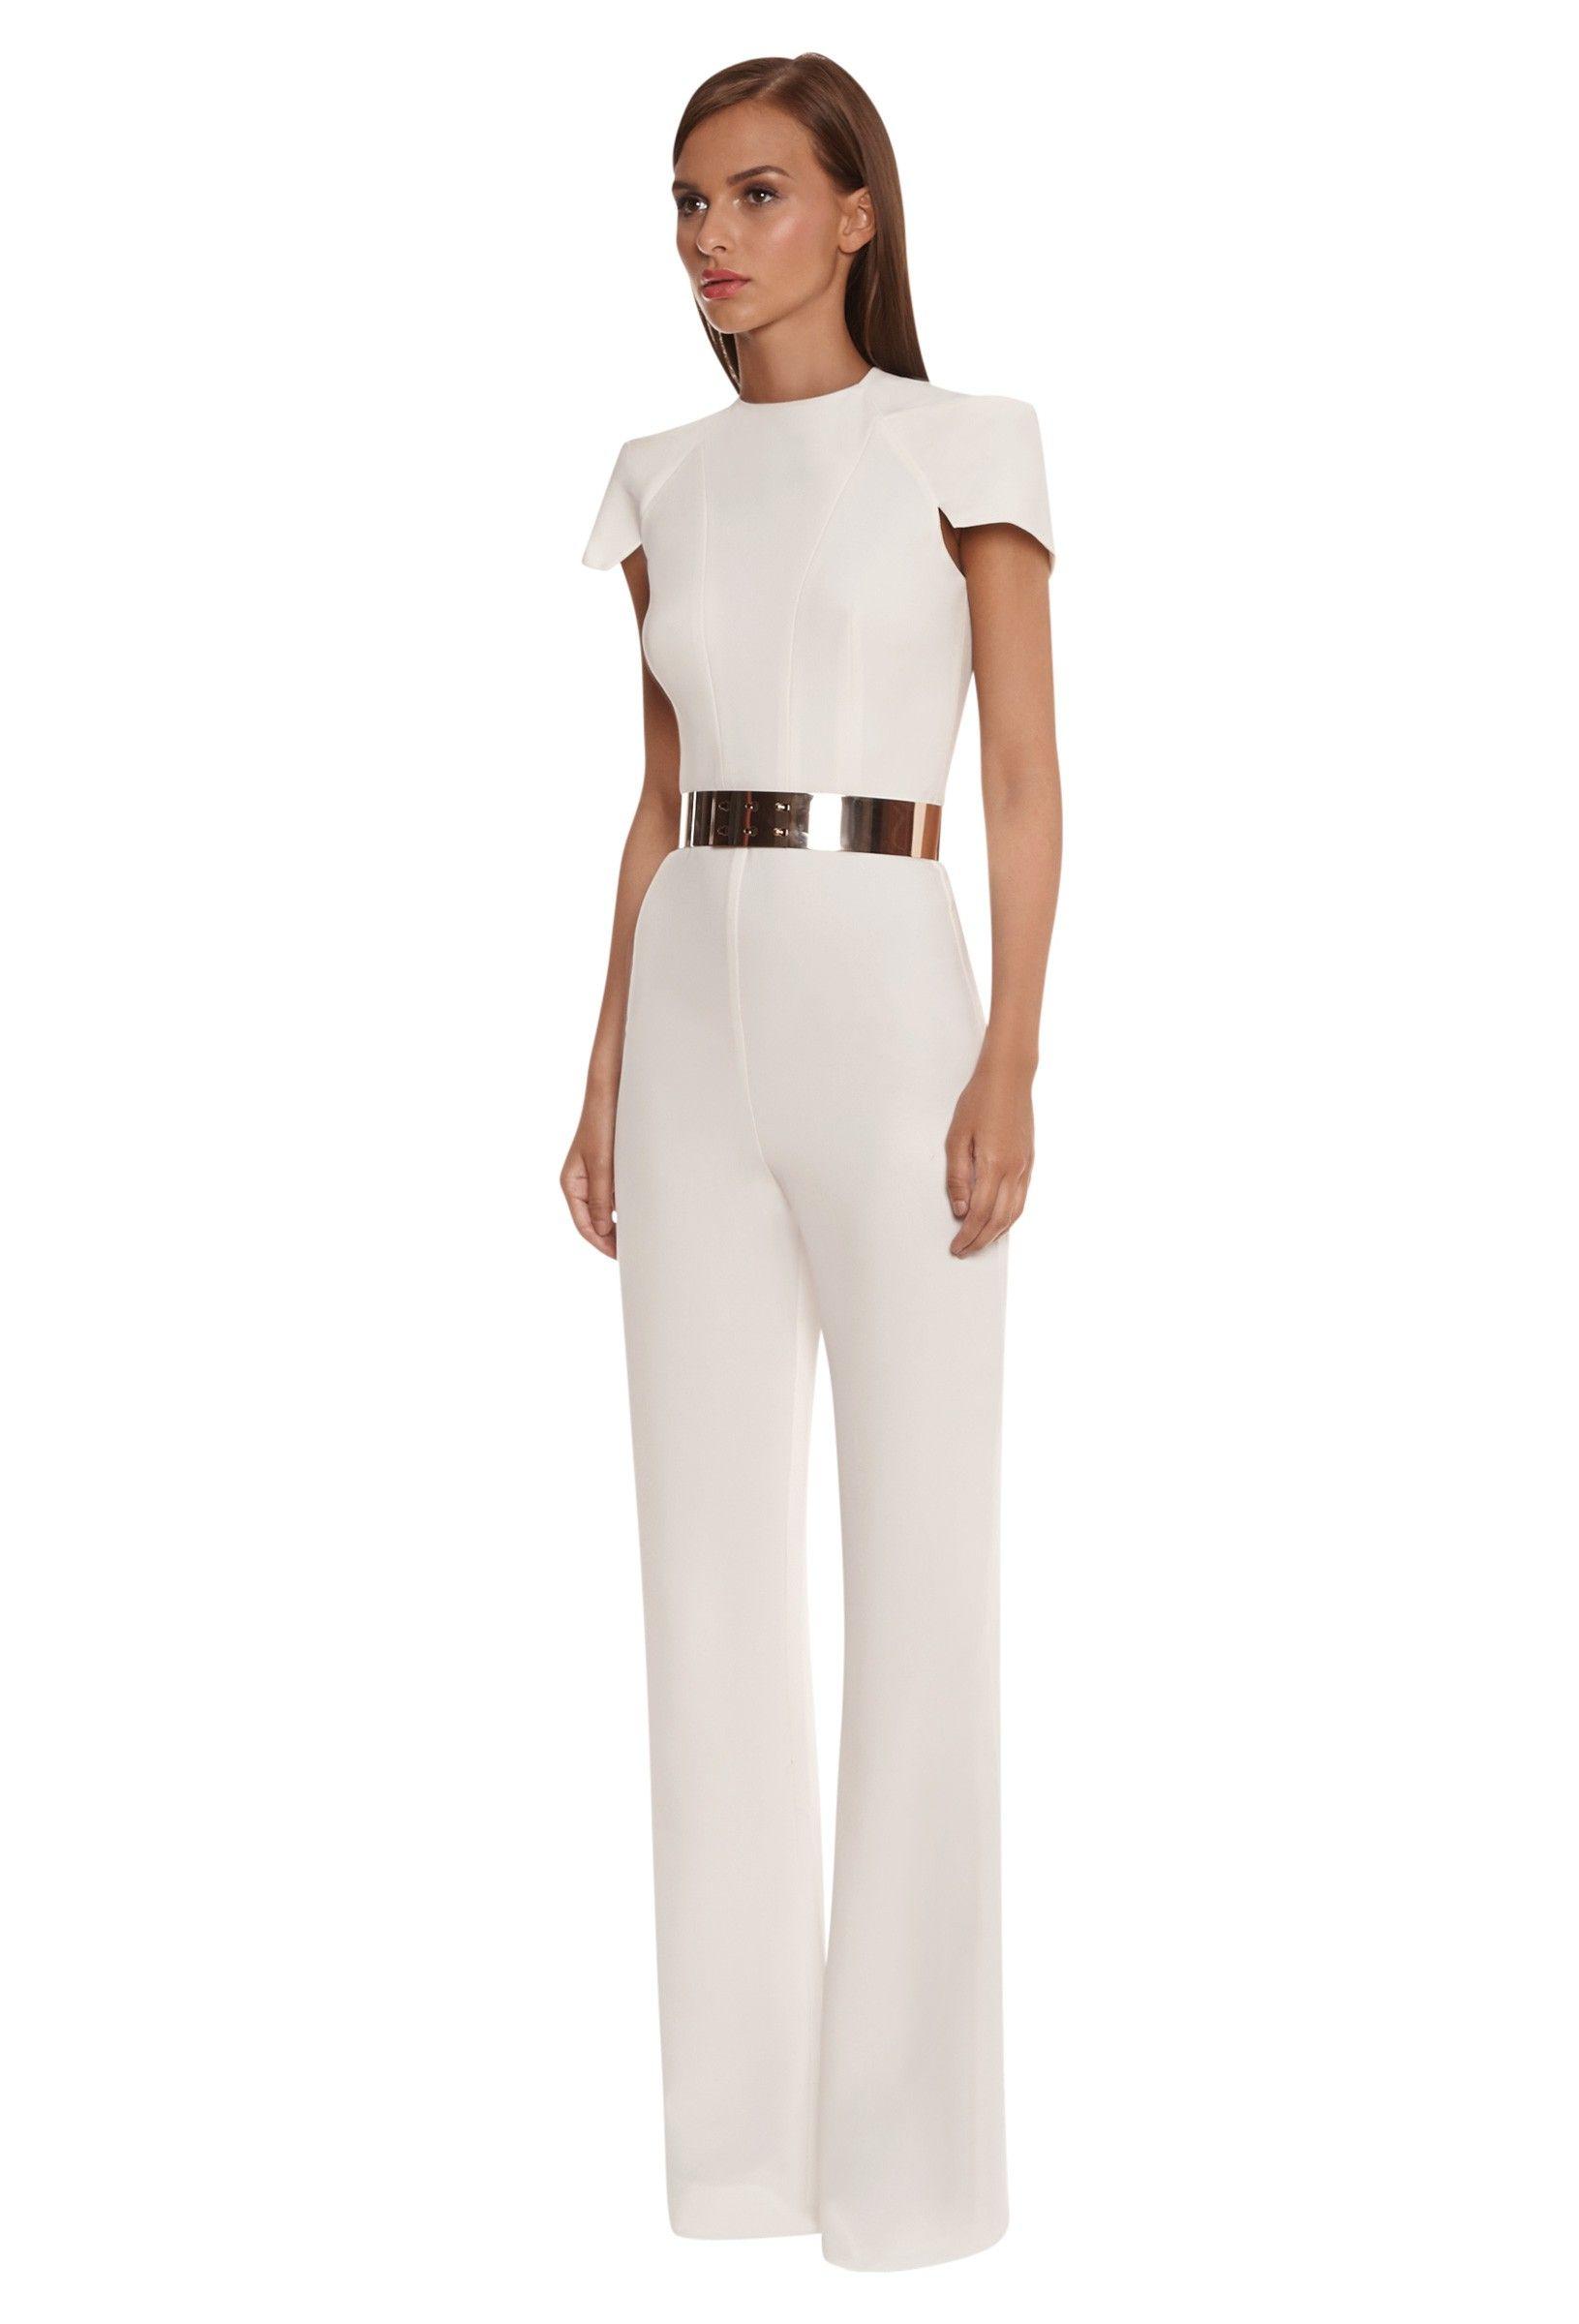 d80b06d08dc Hustla Cap Sleeve Jumpsuit - White